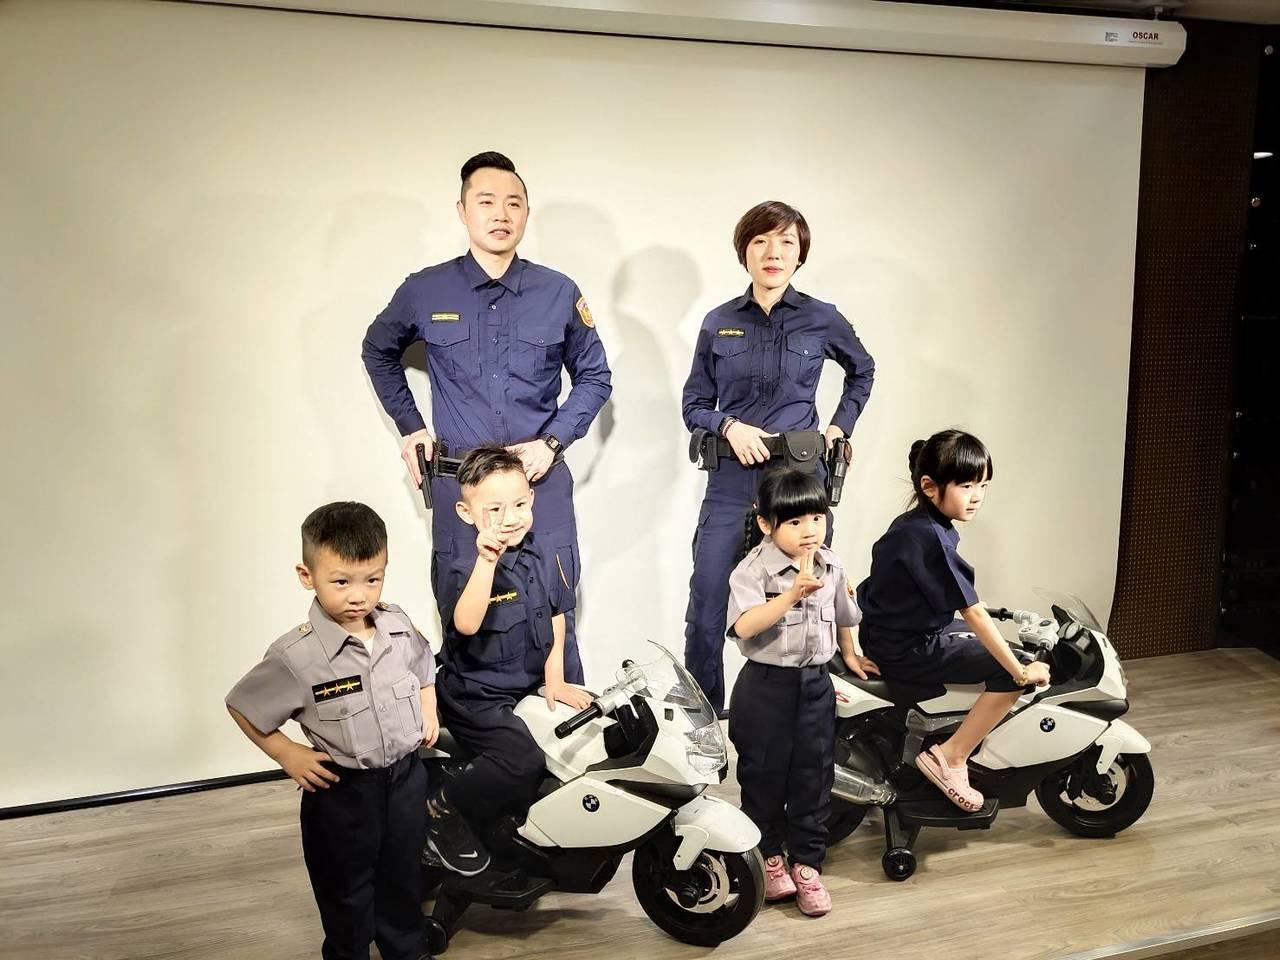 全國警察機關今日統一更換新式制服,桃園市蘆竹警分局今日舉辦「小小警察體驗營」,也...